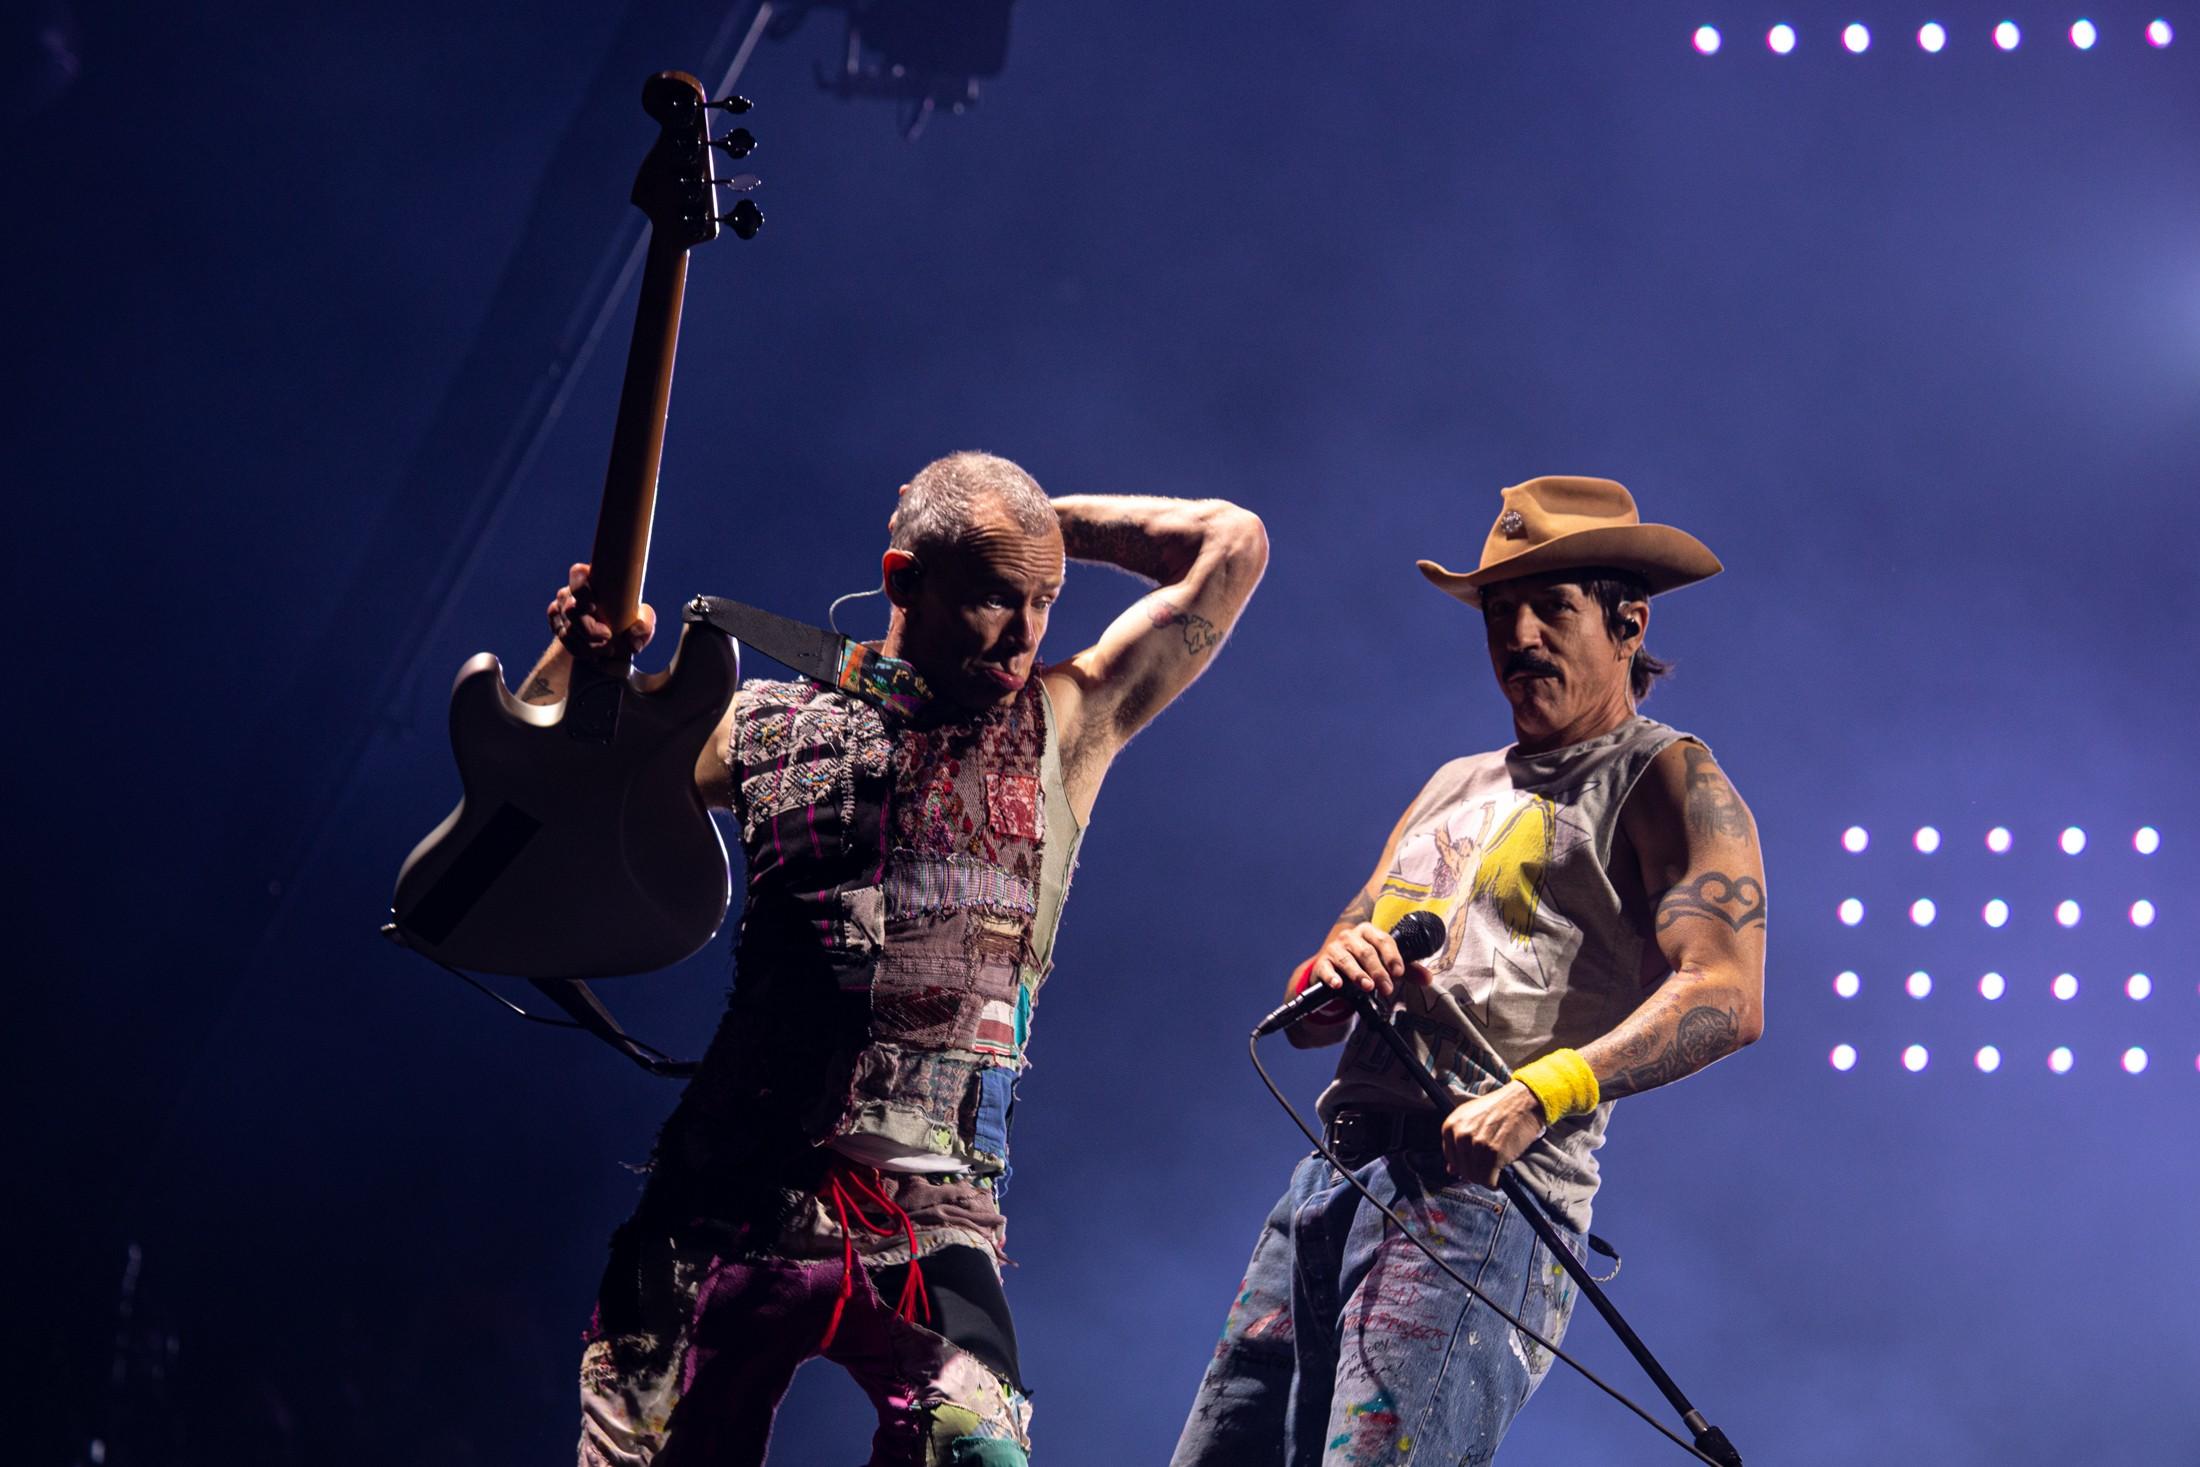 Red Hot Chili Peppers vende catálogo para fundo britânico em acordo estimado em US$ 150 milhões